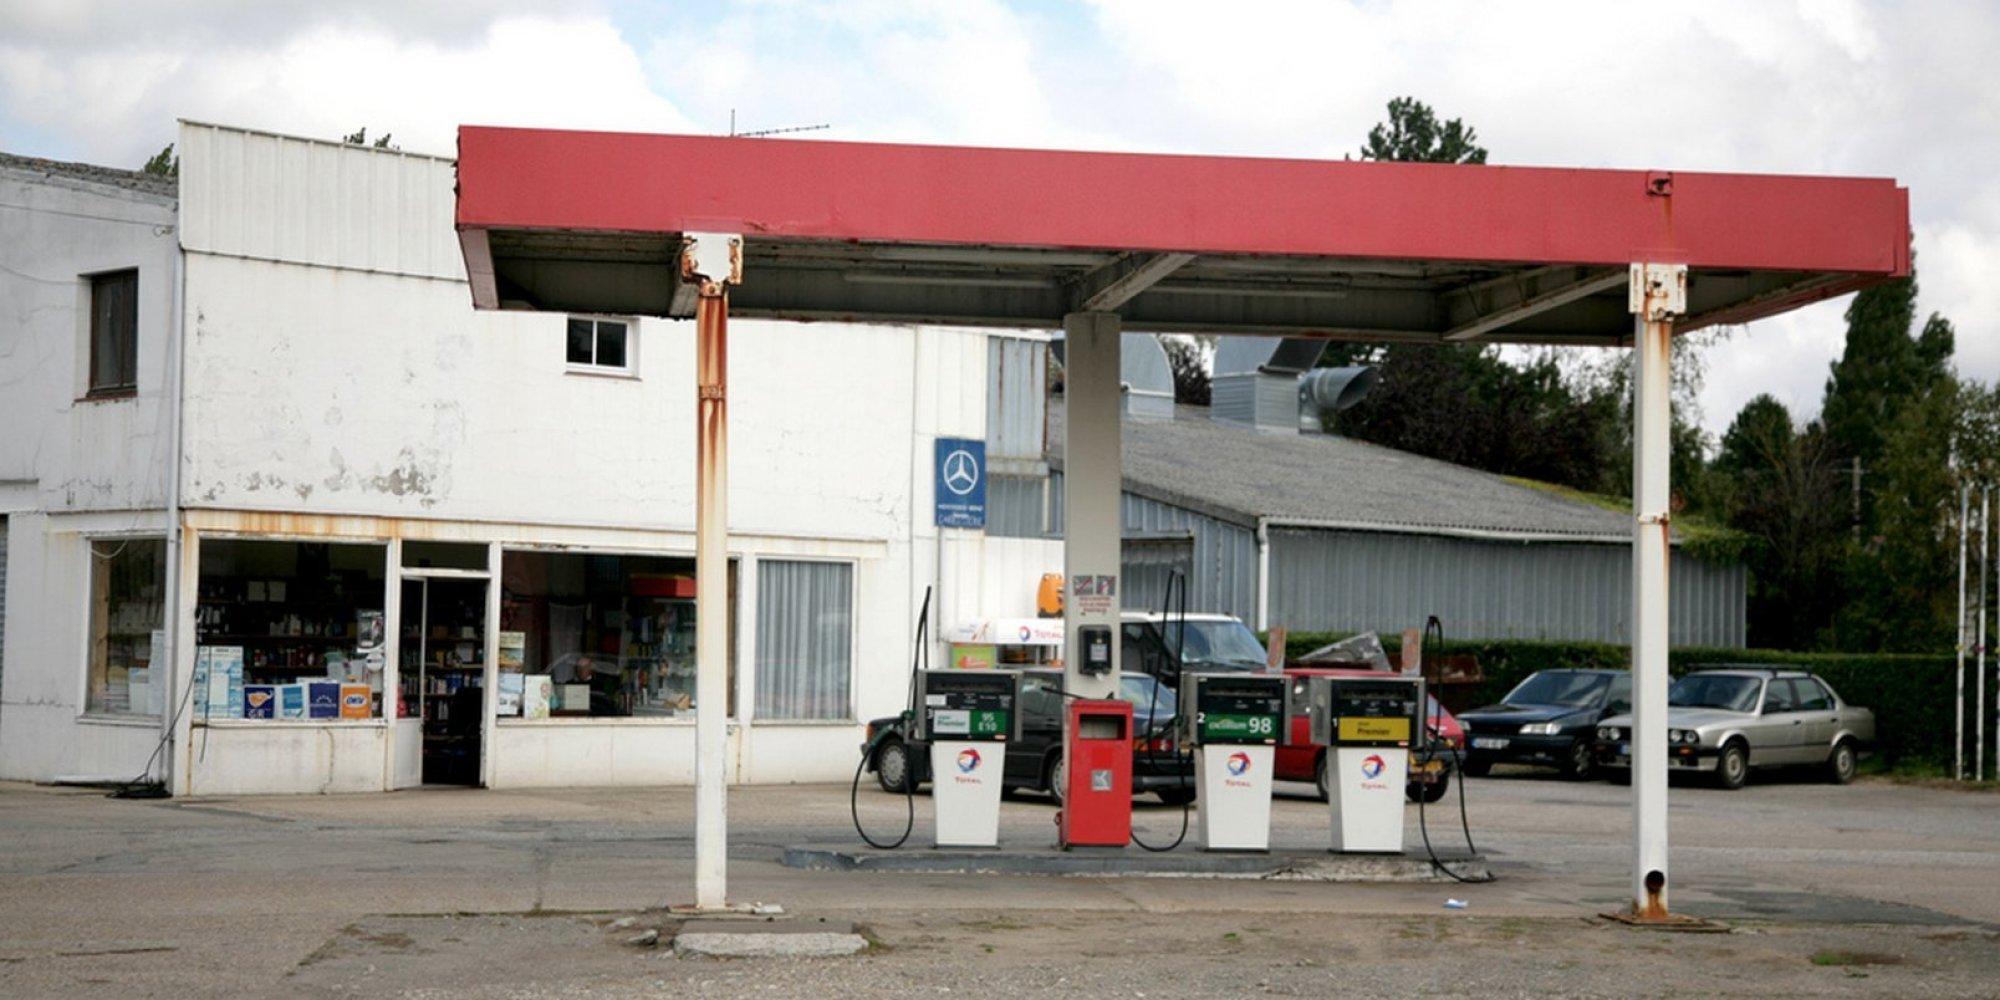 combien co te un litre d 39 essence en tunisie par rapport au reste du monde. Black Bedroom Furniture Sets. Home Design Ideas